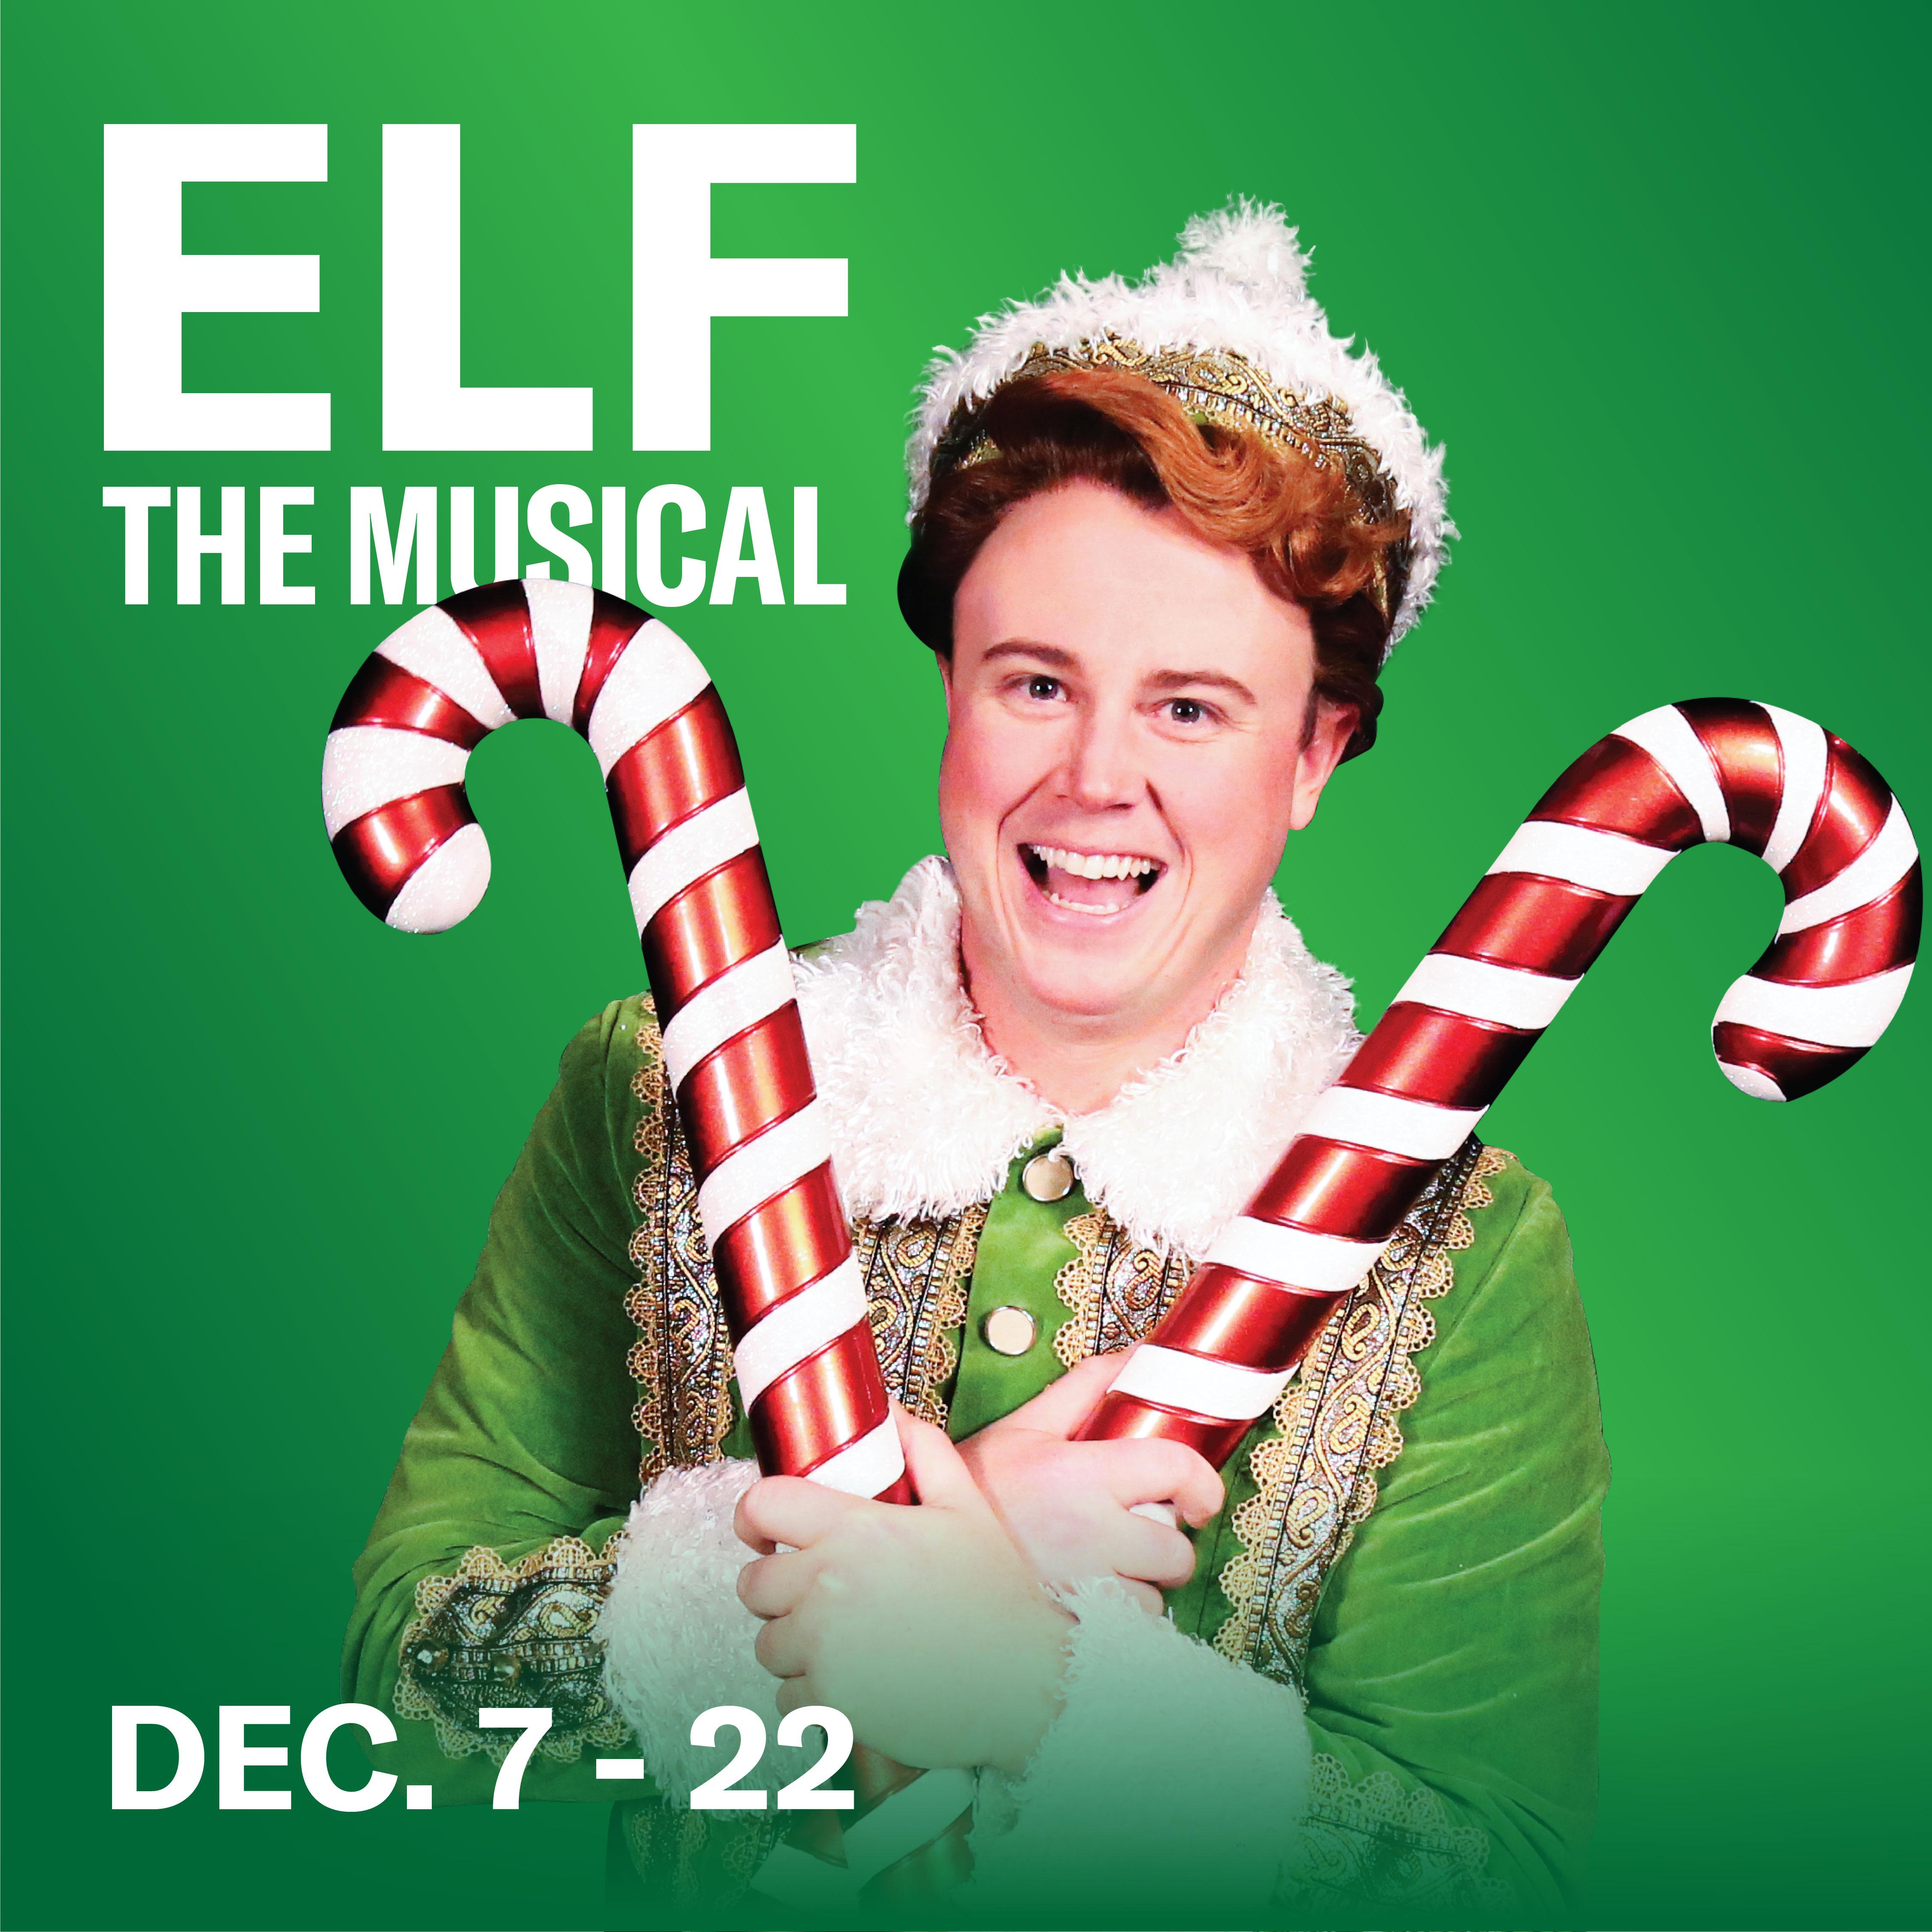 <b> Elf - The Musical</b>